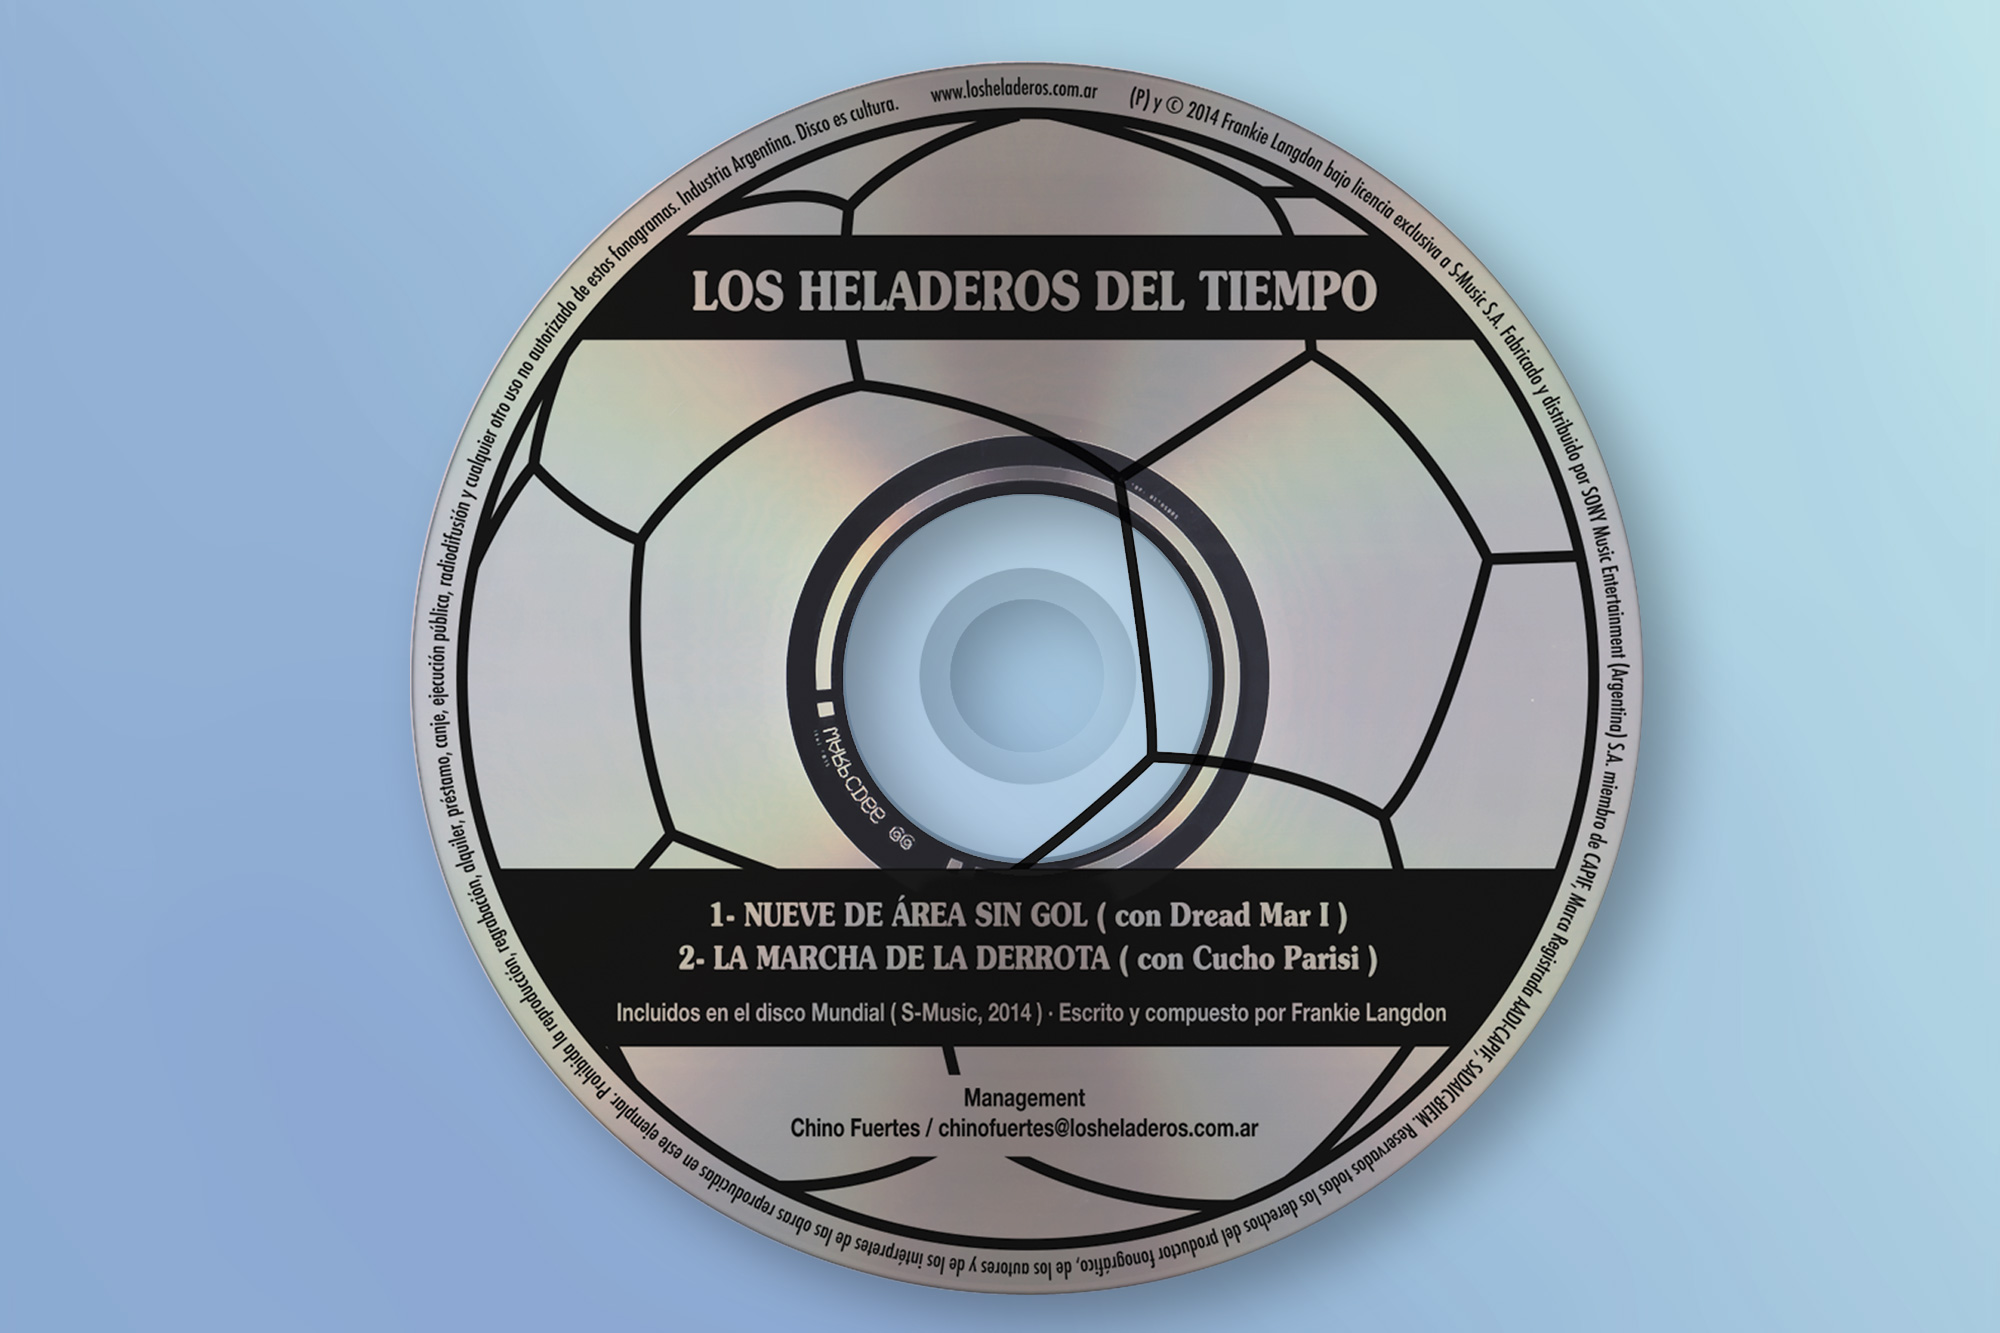 LOS-HELADEROS-DEL-TIEMPO-EP-PROMO-MUNDIAL-2014-CD